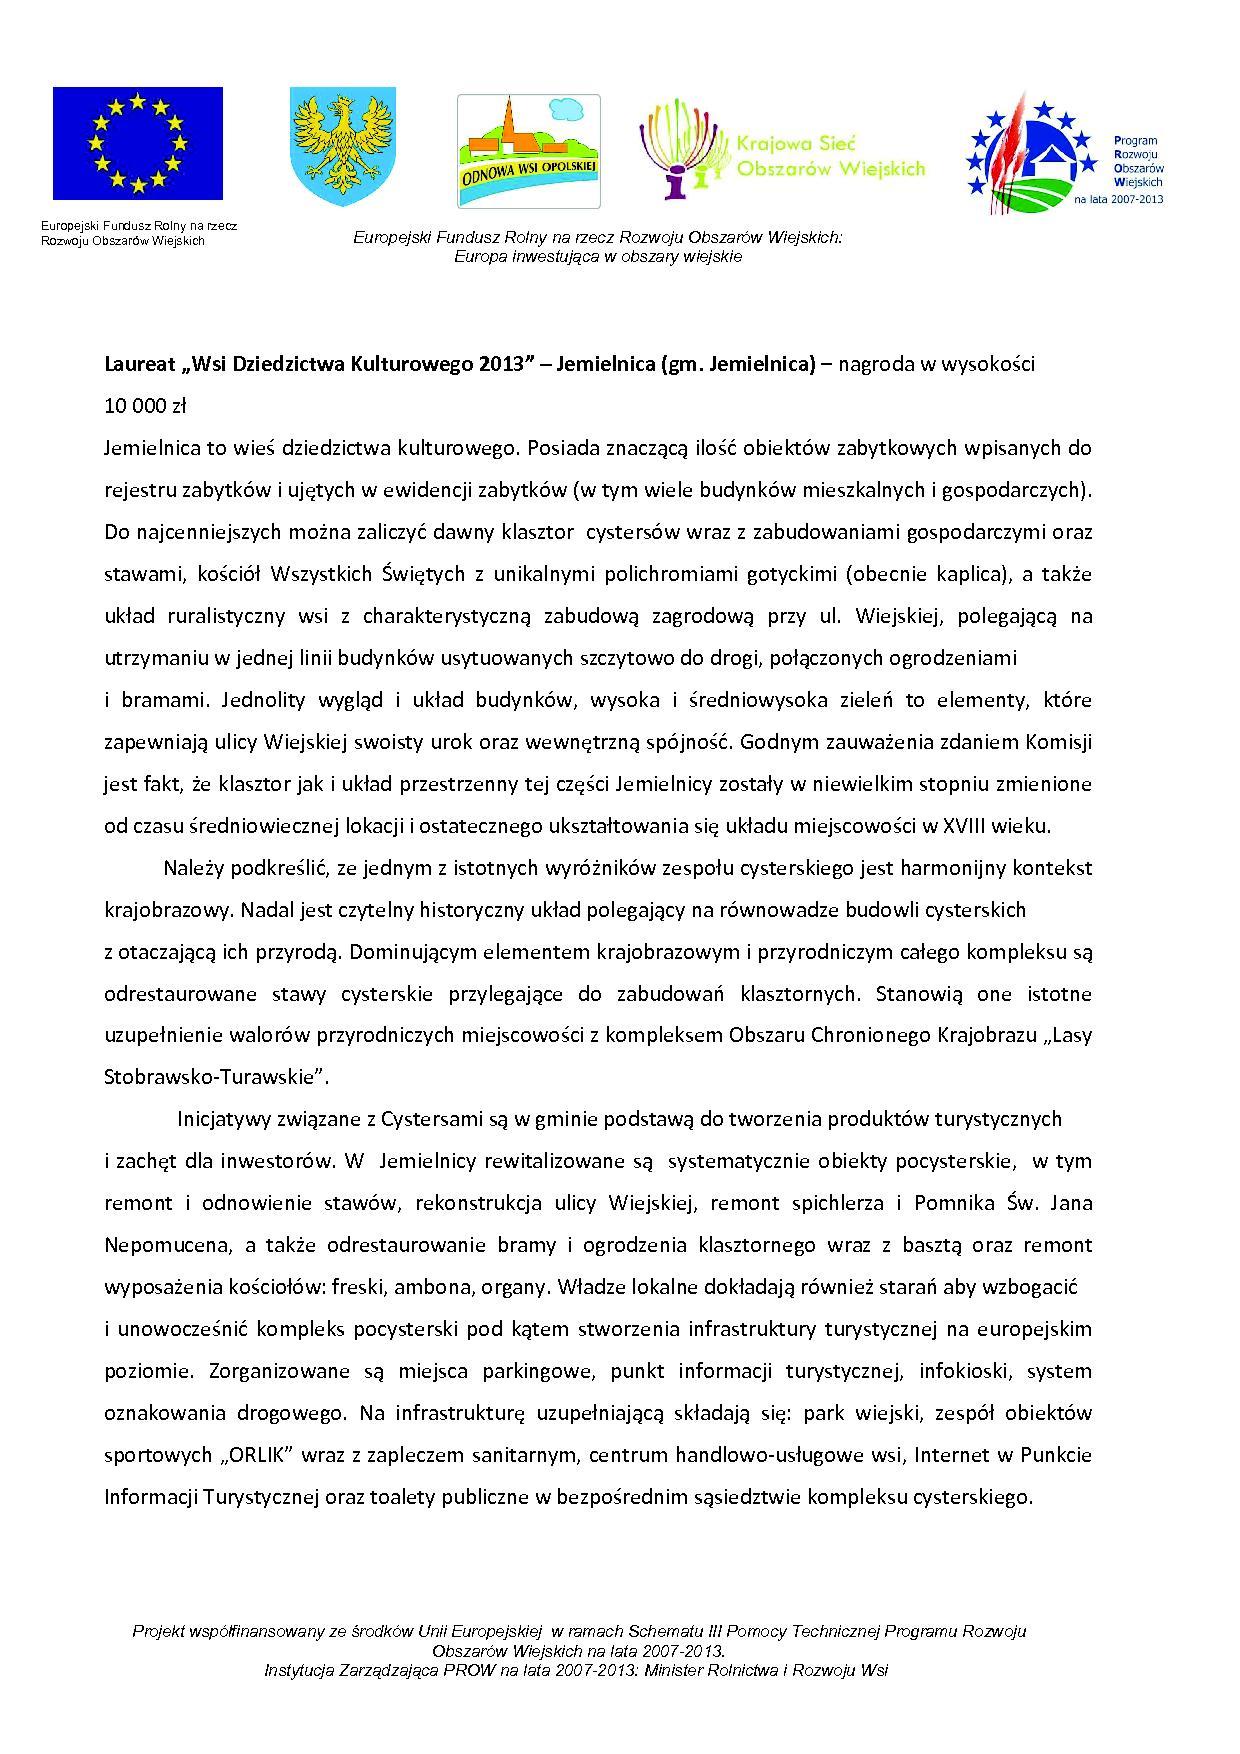 Komunikat Komisji Konkursowej_Jemielinica.jpeg